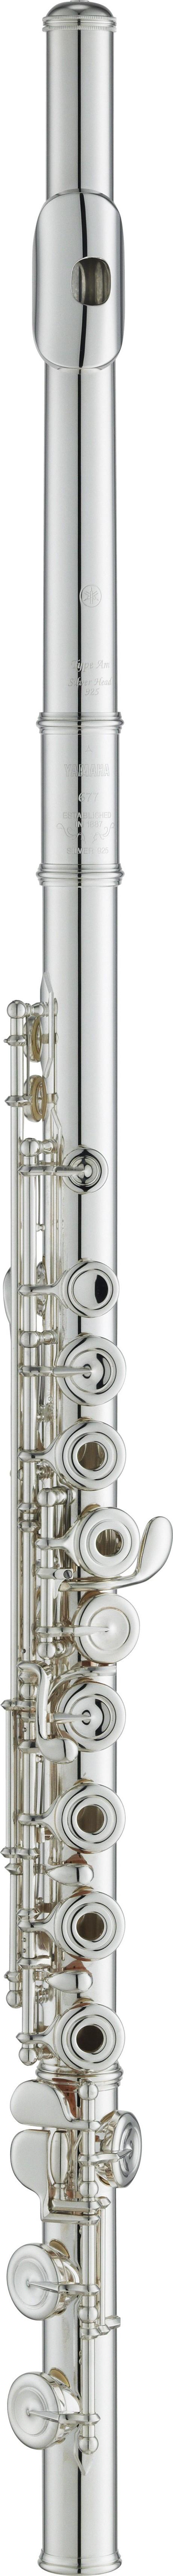 Yamaha - YFL - 677 - RCEO - Holzblasinstrumente - Flöten mit E-Mechanik | MUSIK BERTRAM Deutschland Freiburg